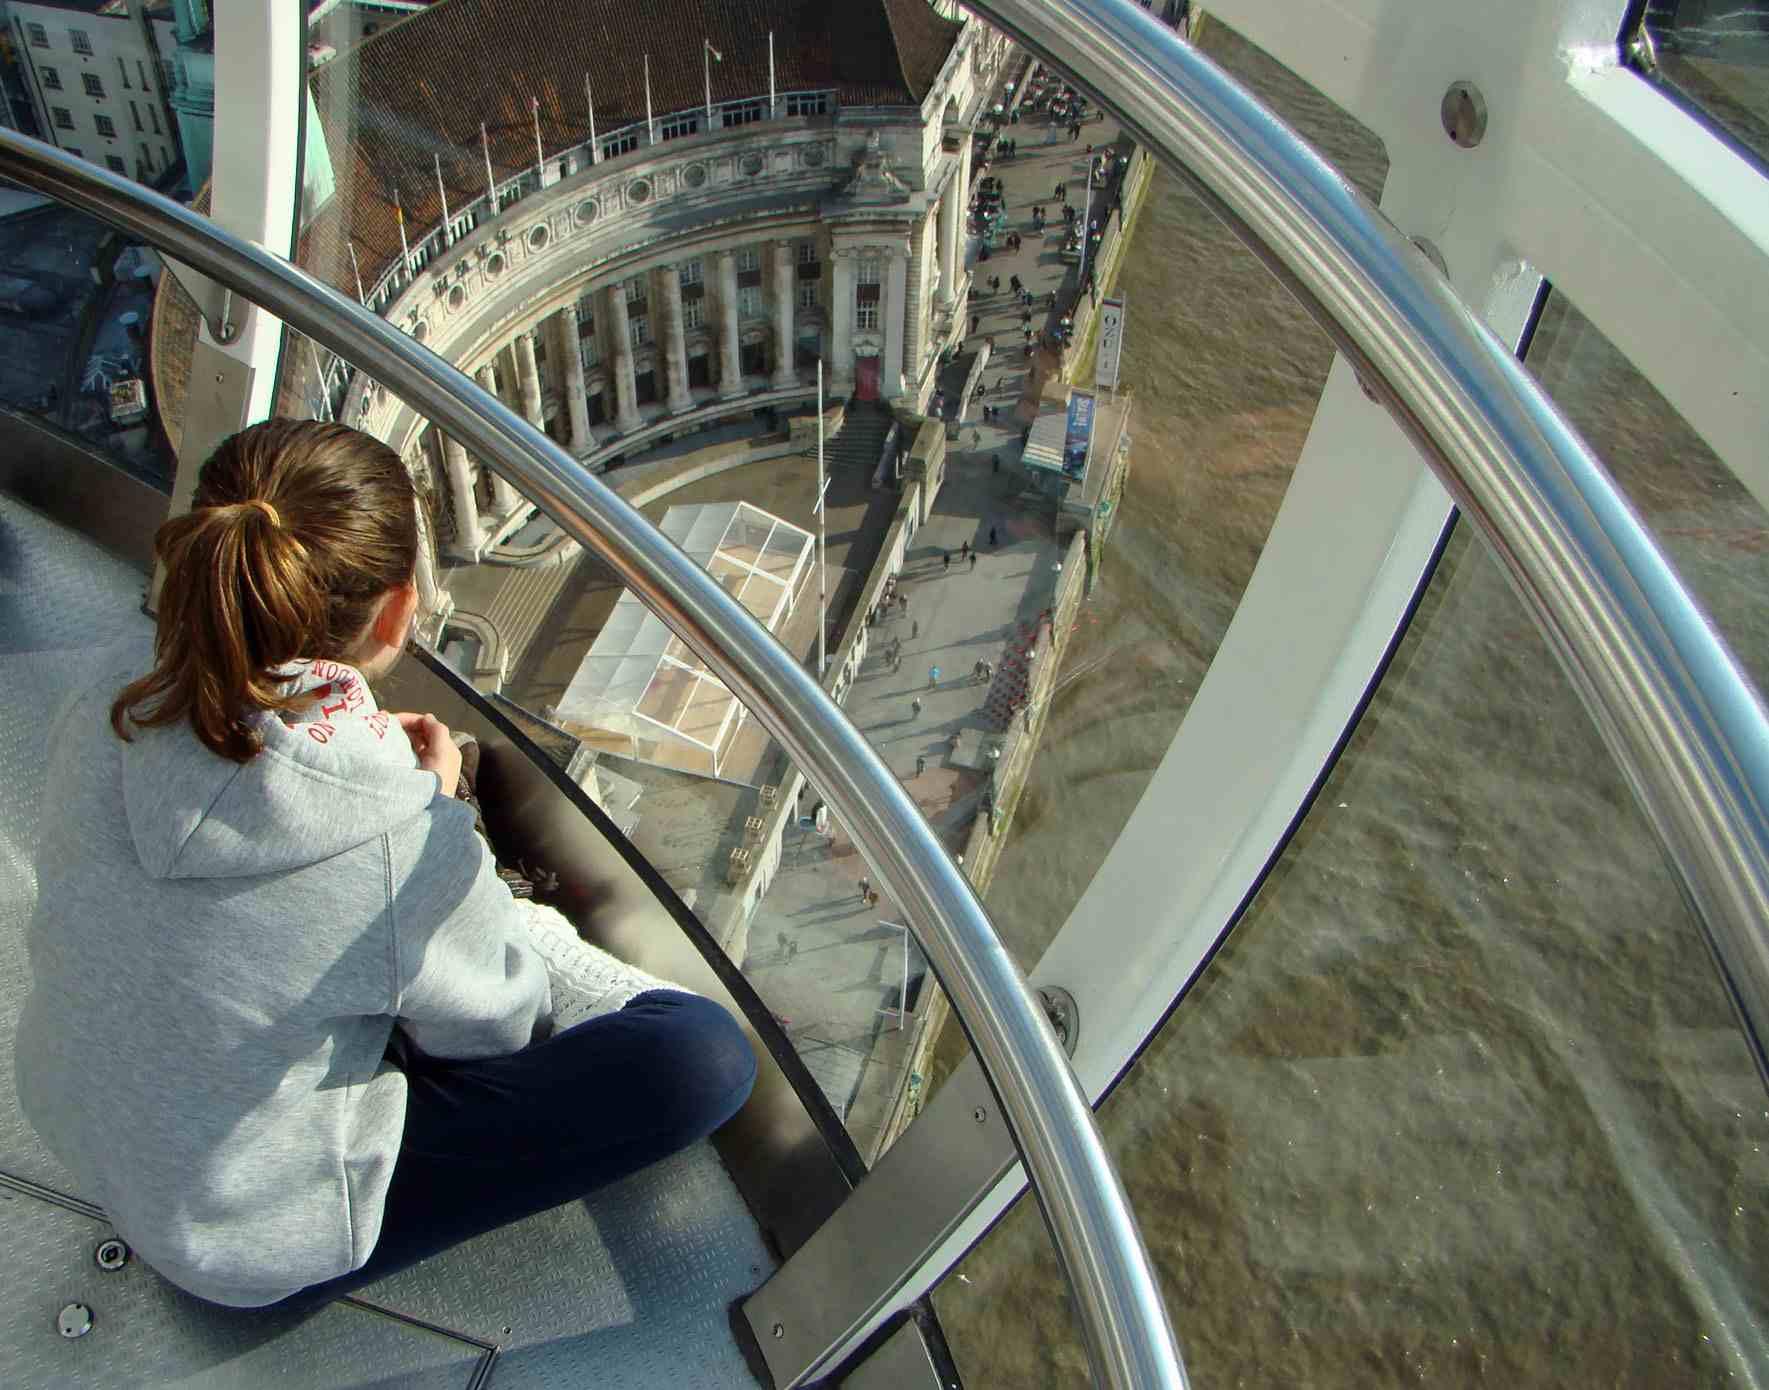 Kids in the london eye